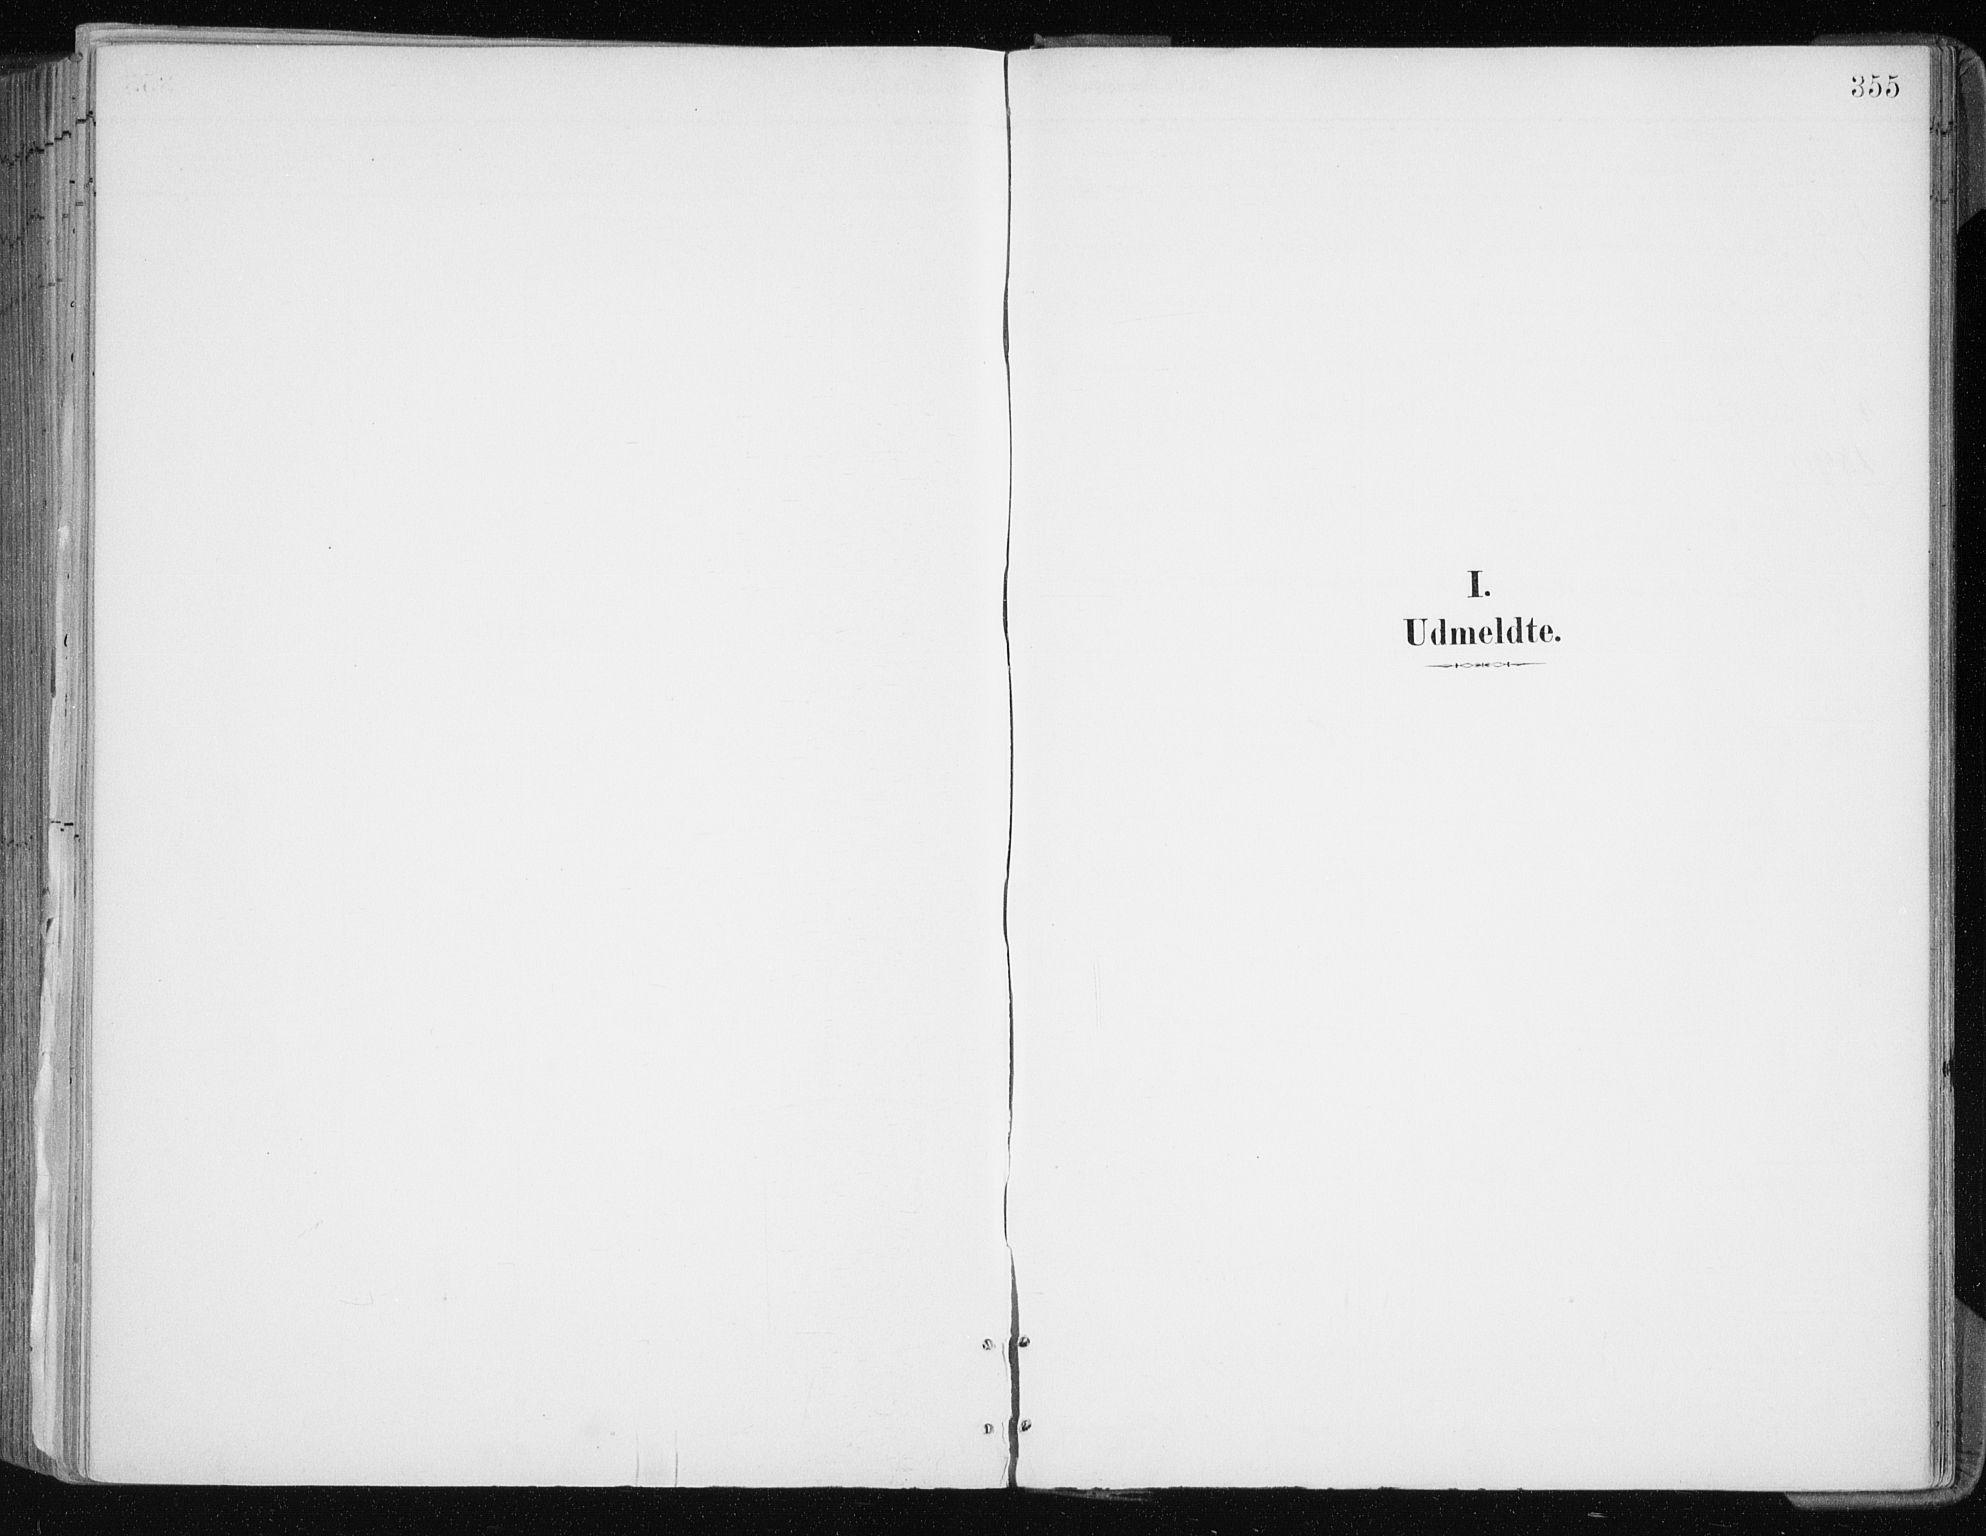 SATØ, Tromsøysund sokneprestkontor, G/Ga/L0005kirke: Ministerialbok nr. 5, 1888-1896, s. 355